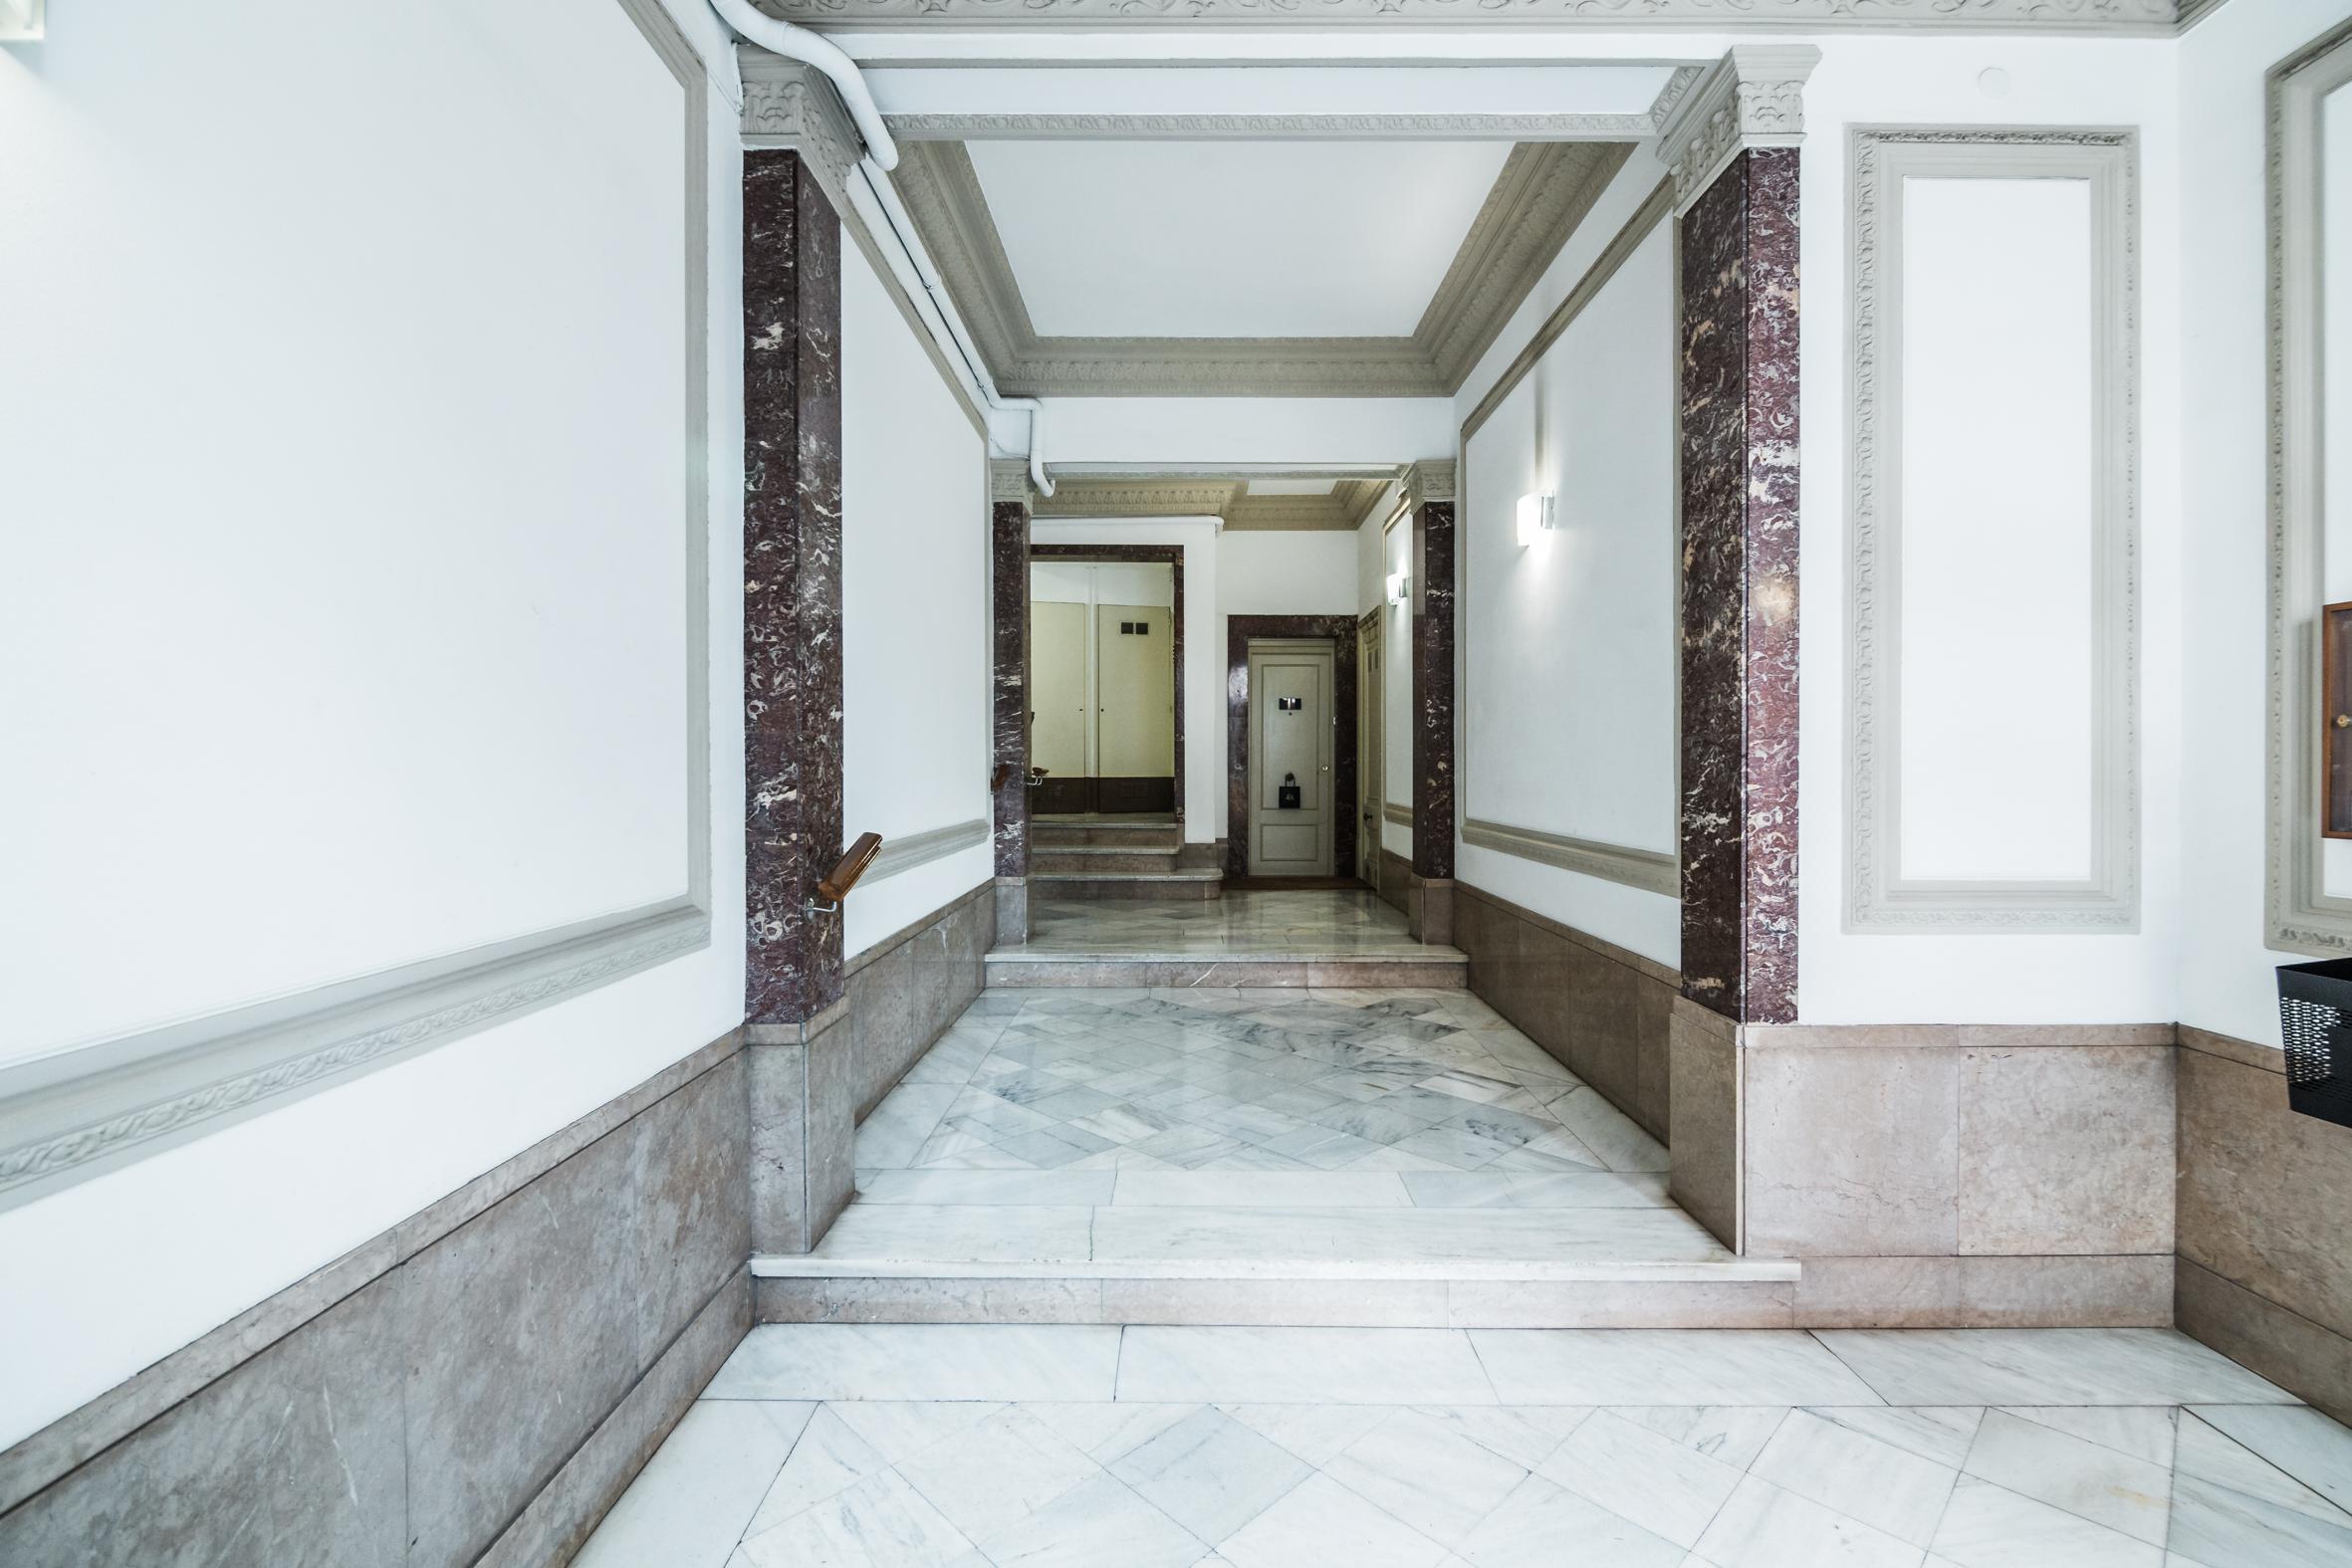 202959 Apartamento en venda en Sarrià-Sant Gervasi, St. Gervasi-Bonanova 21